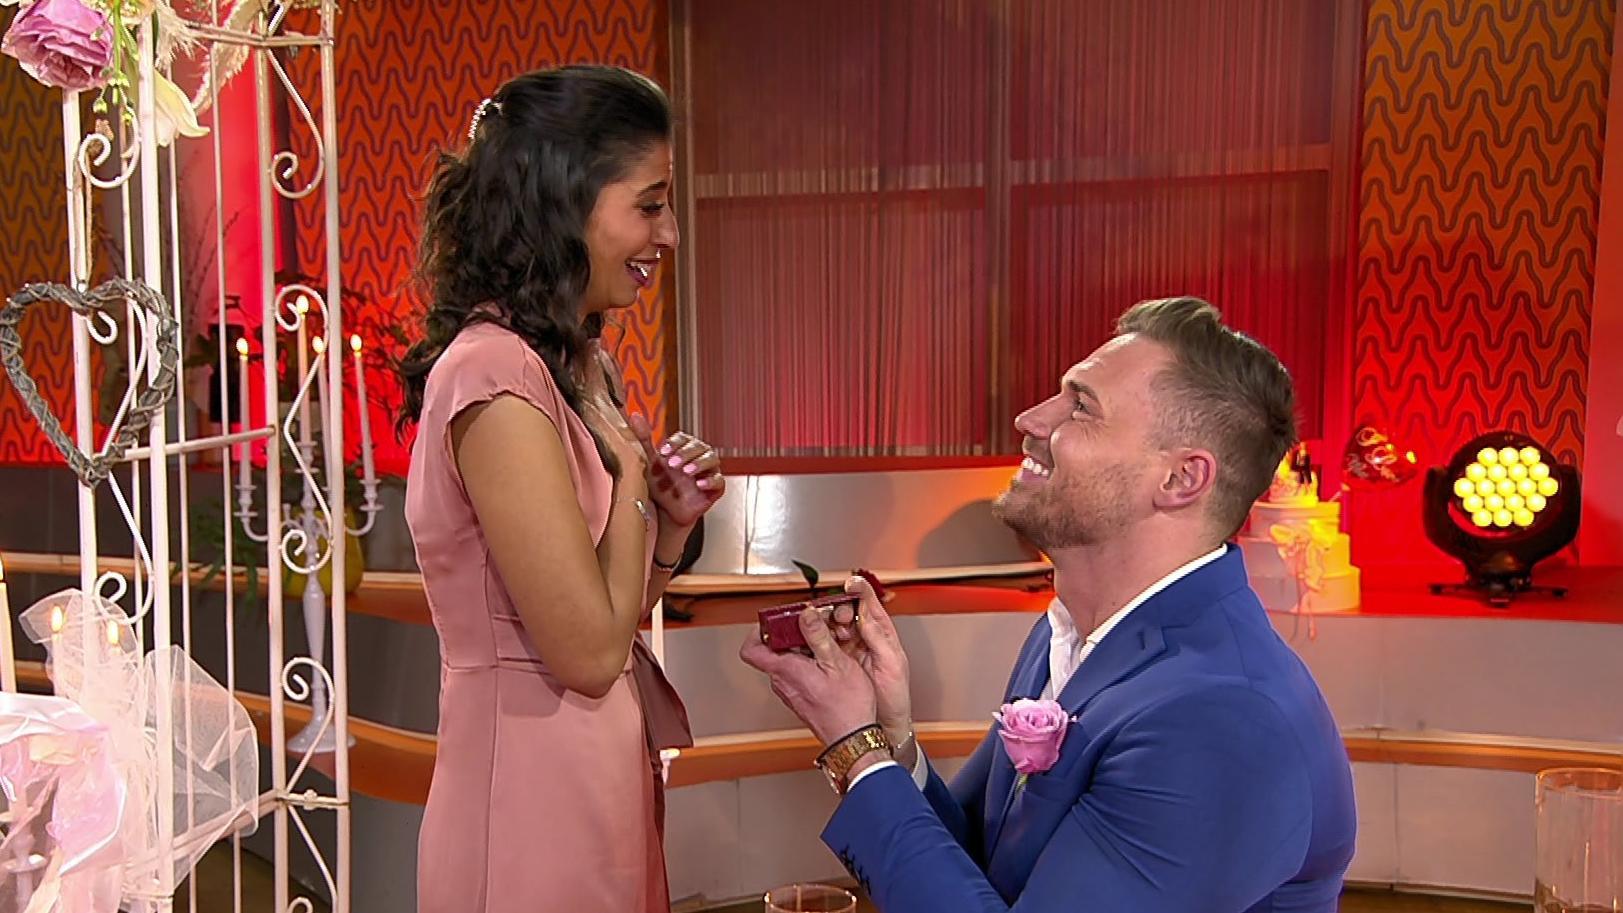 Bei RTL hat Chris seiner Eva Benetatou einen Antrag gemacht.